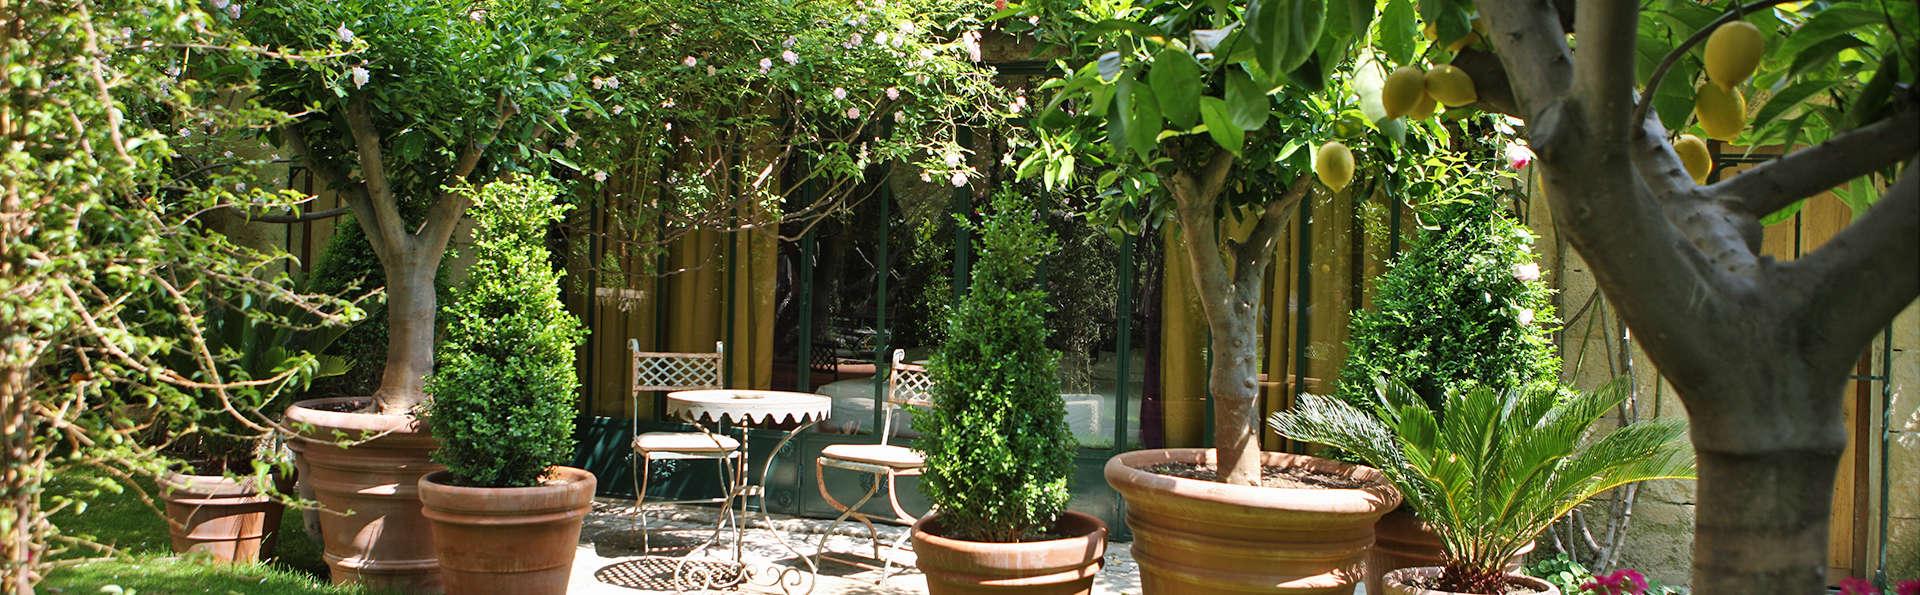 Week-end d'exception en junior Suite dans un hôtel de charme à Nîmes